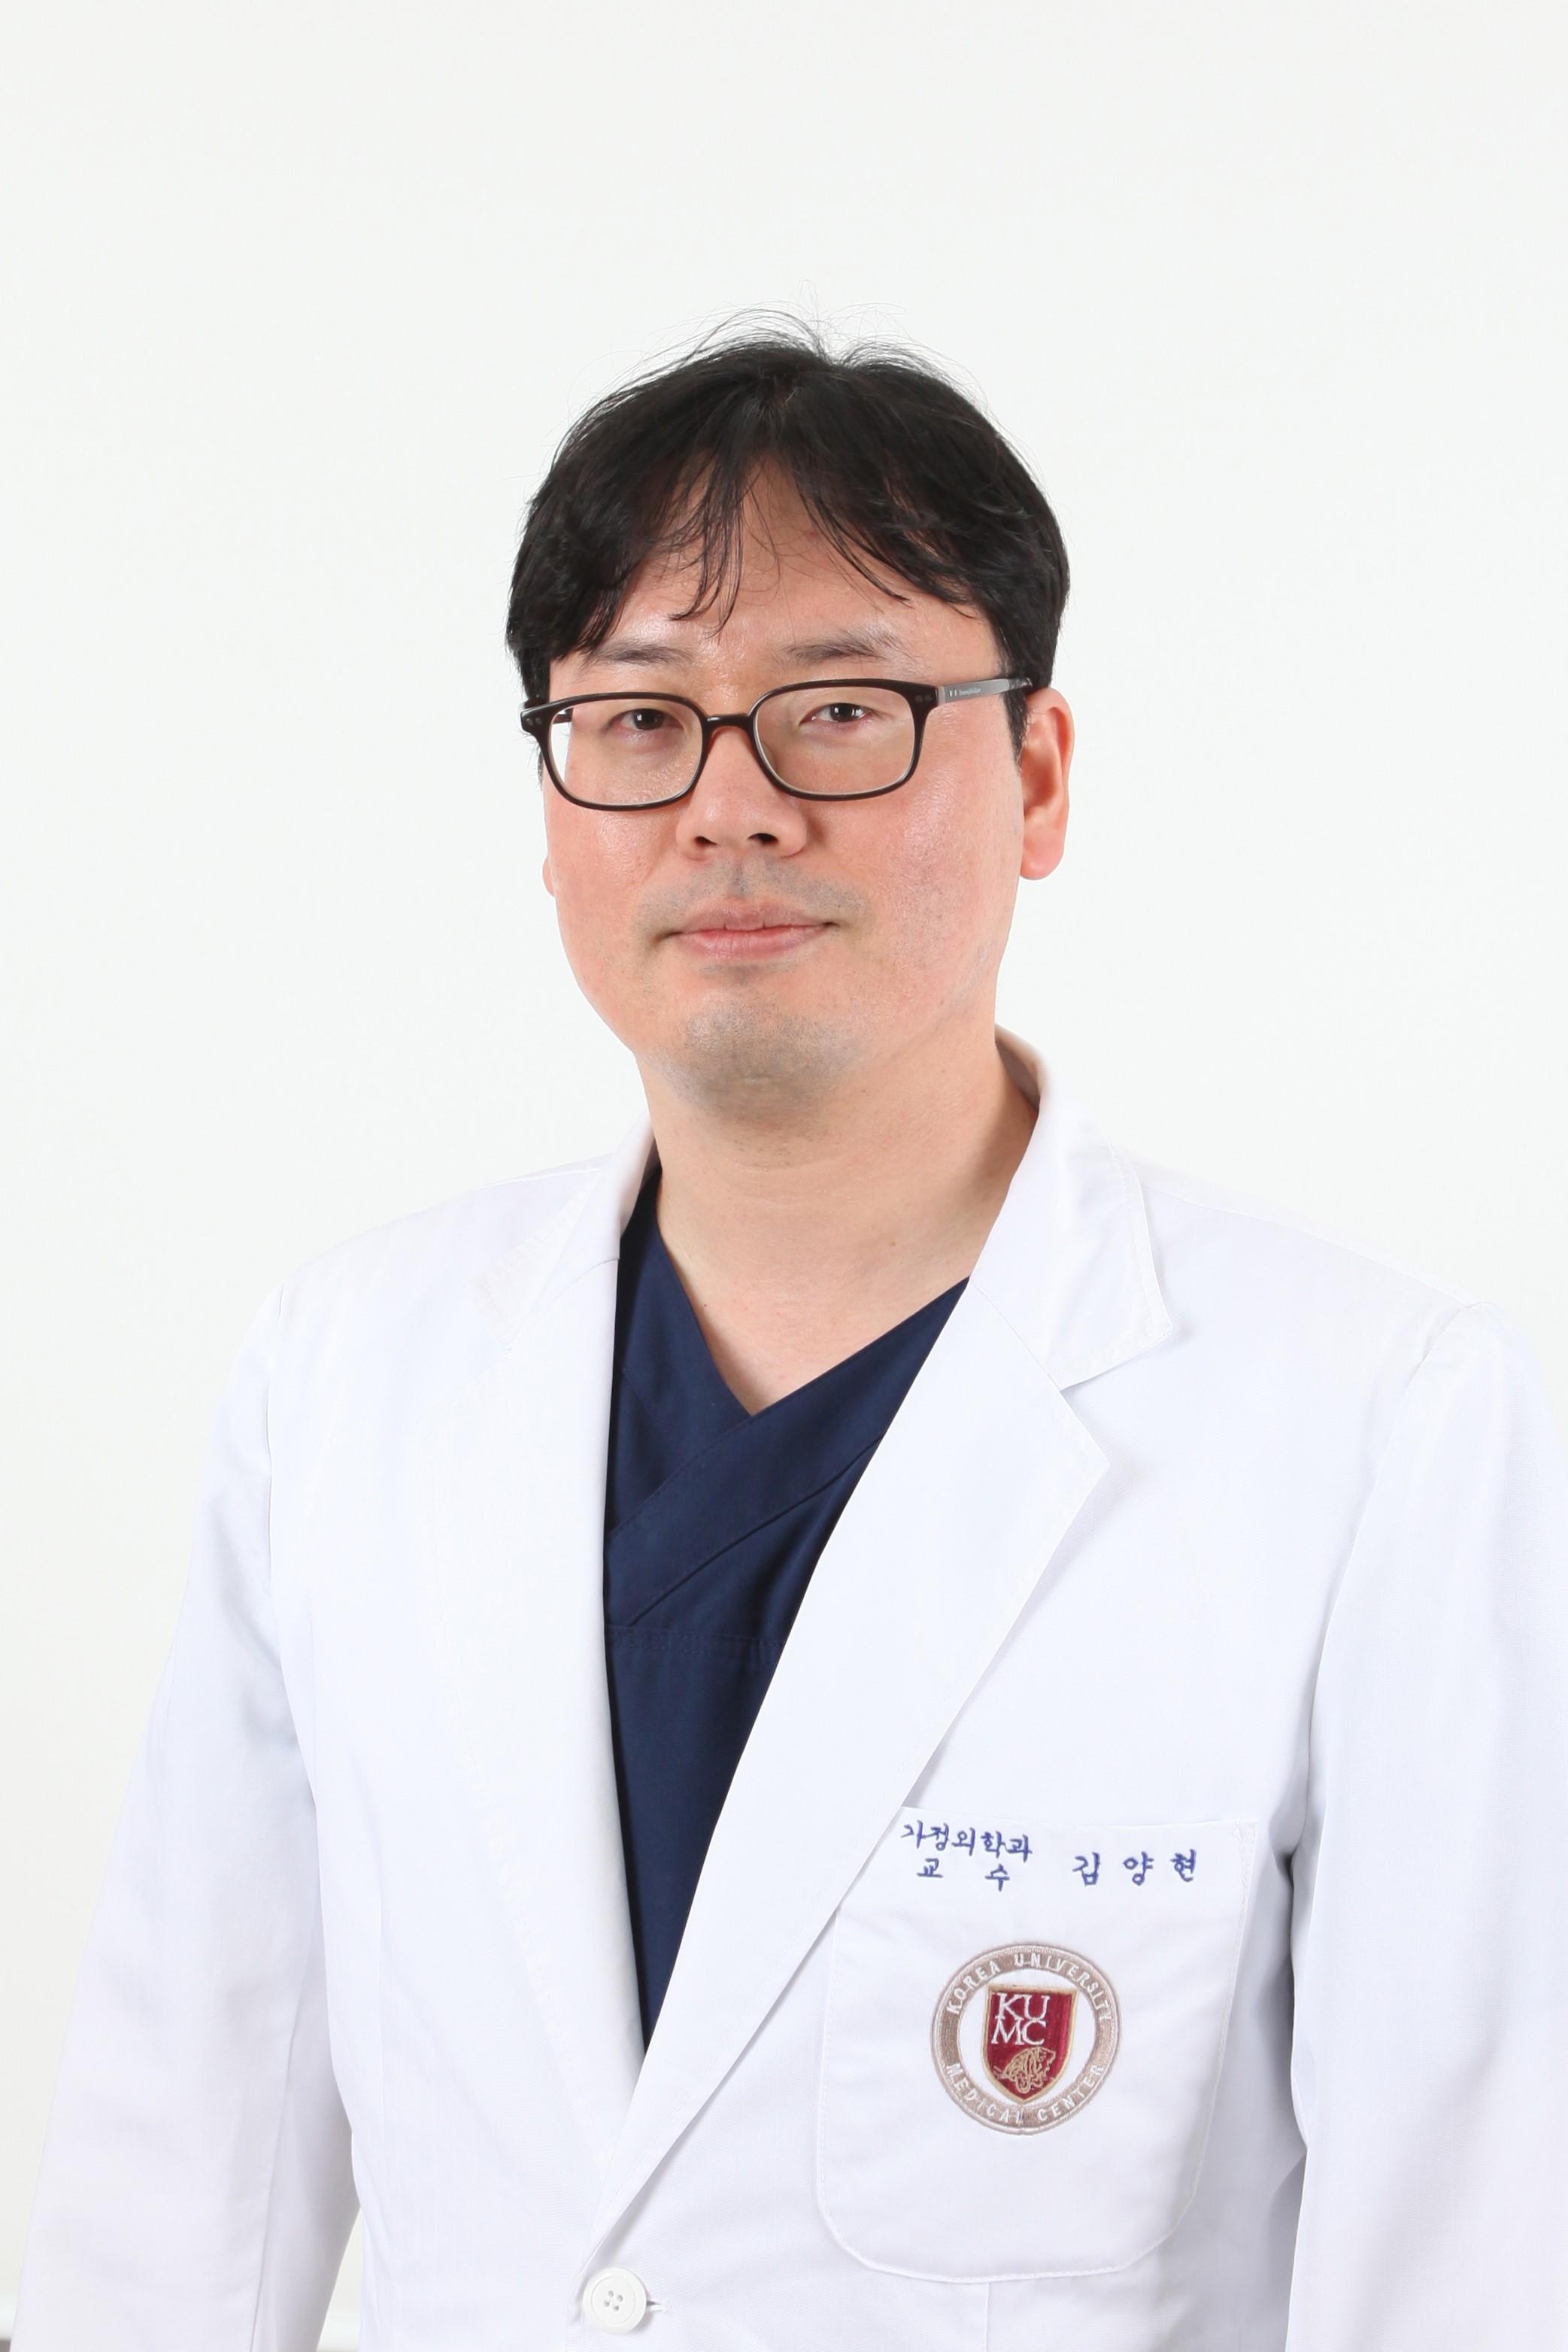 김양현 교수